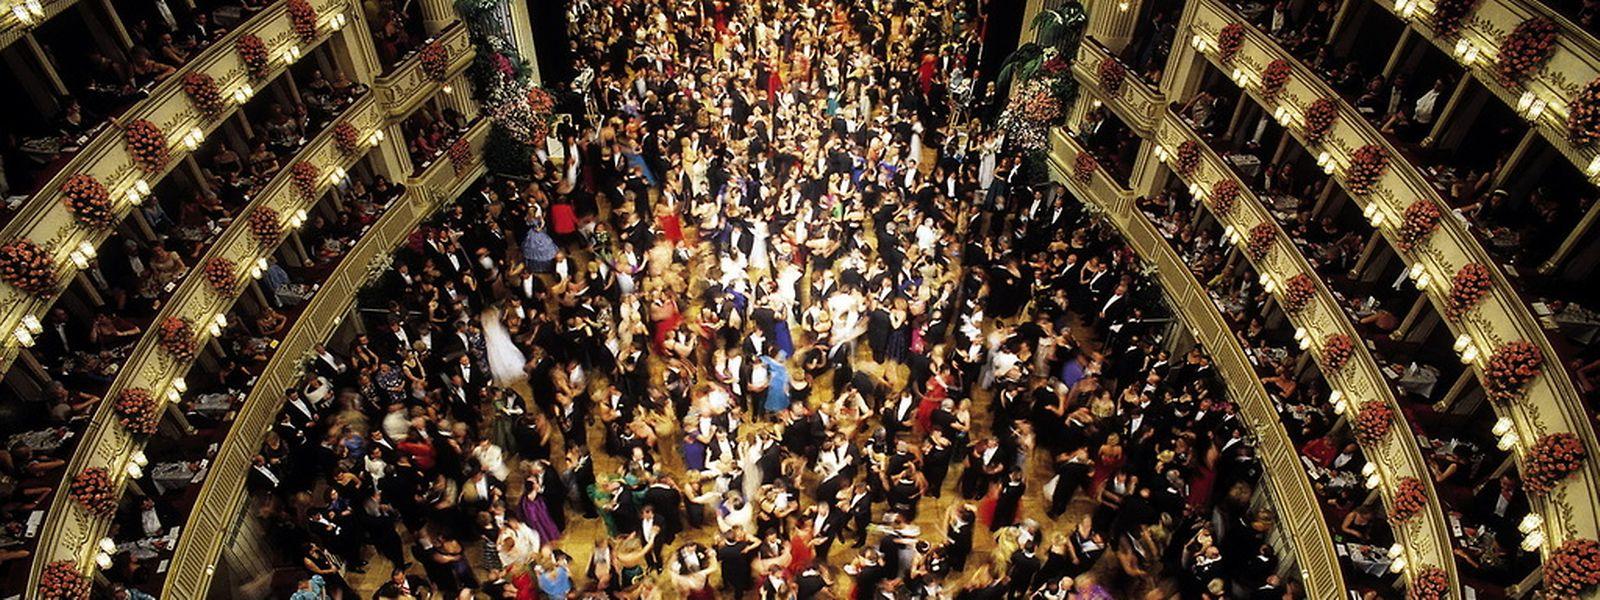 Die Veranstalter des Wiener Opernballs versuchen schon seit längerem, dem Ball das Skandal-Image zu nehmen.